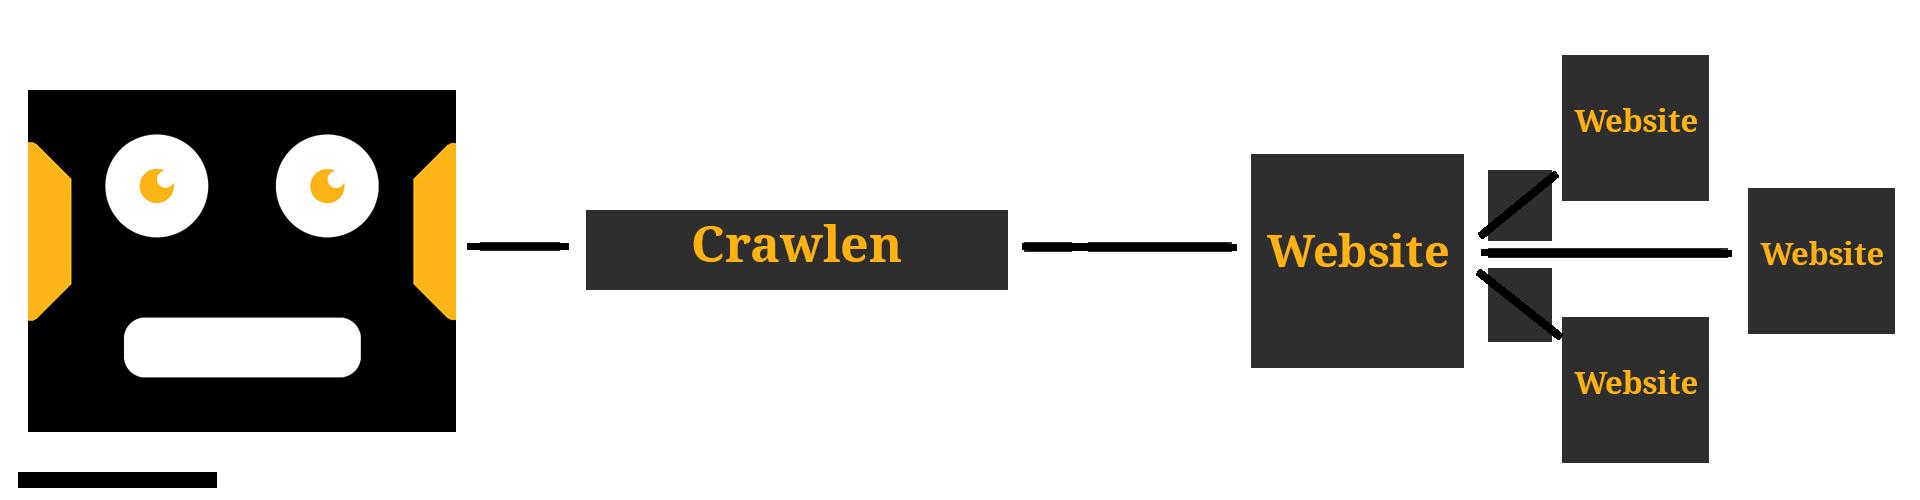 Crawlen door Googlebot